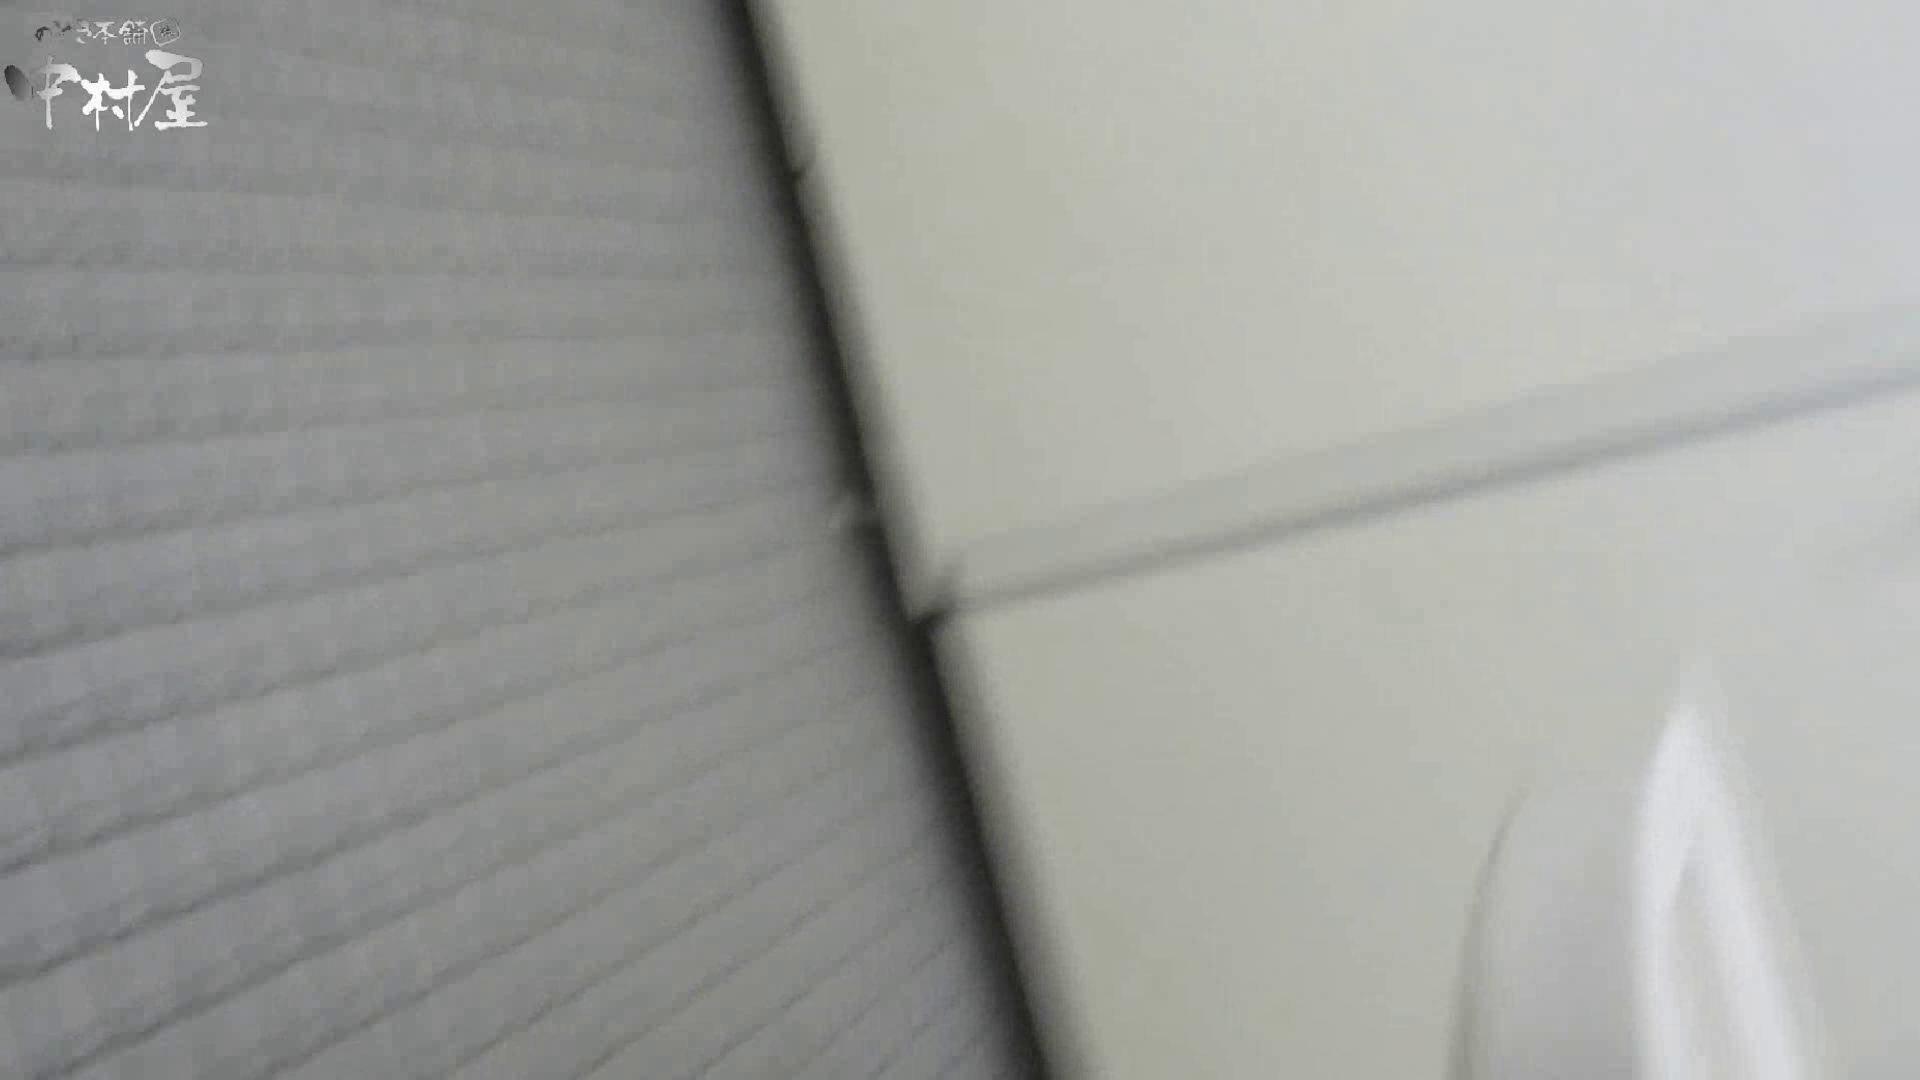 魂のかわや盗撮62連発! ロンハーギャル! 45発目! 萌えギャル スケベ動画紹介 93連発 68